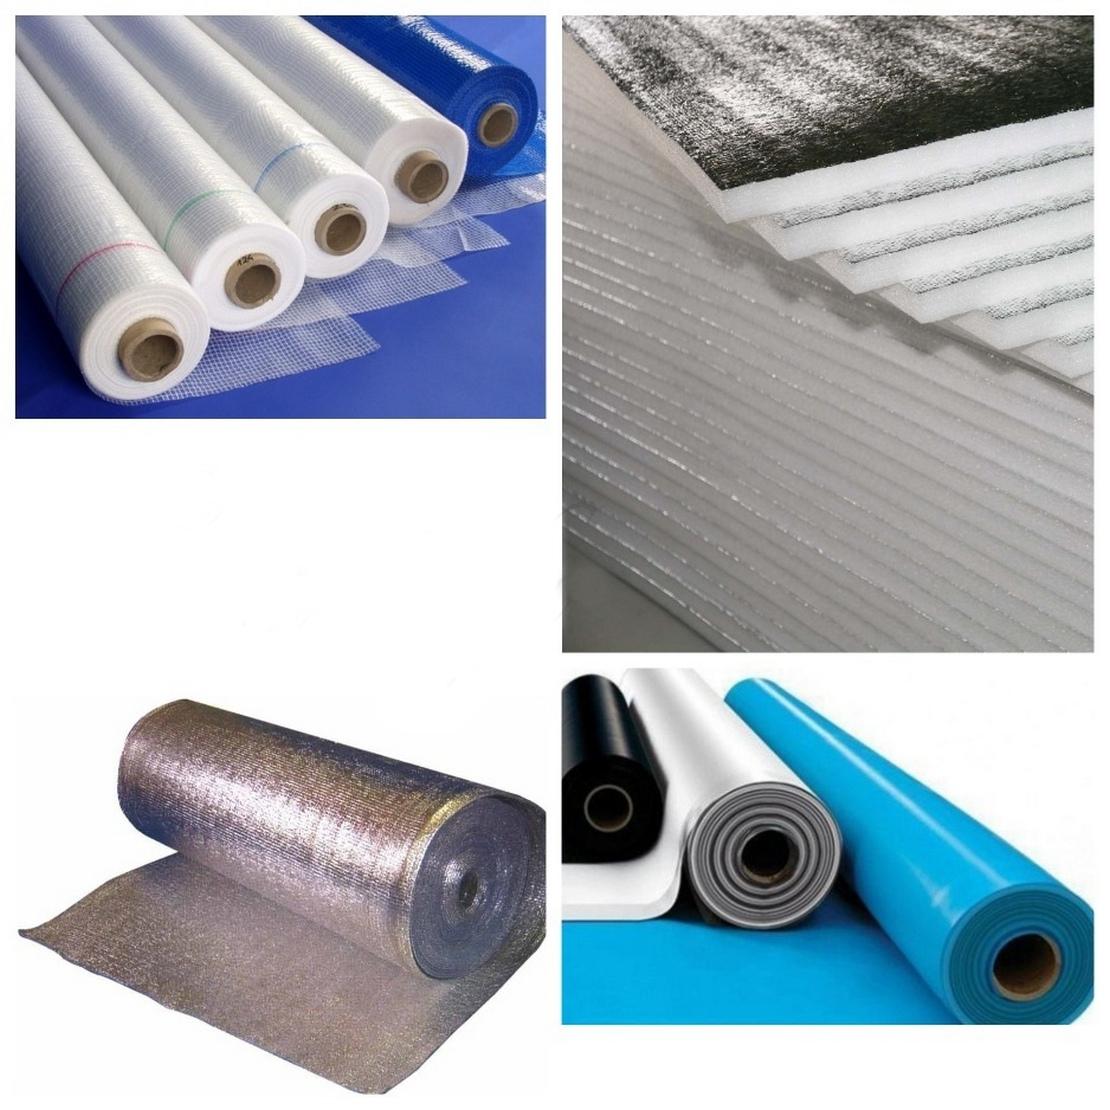 разновидности пароизоляционных материалов